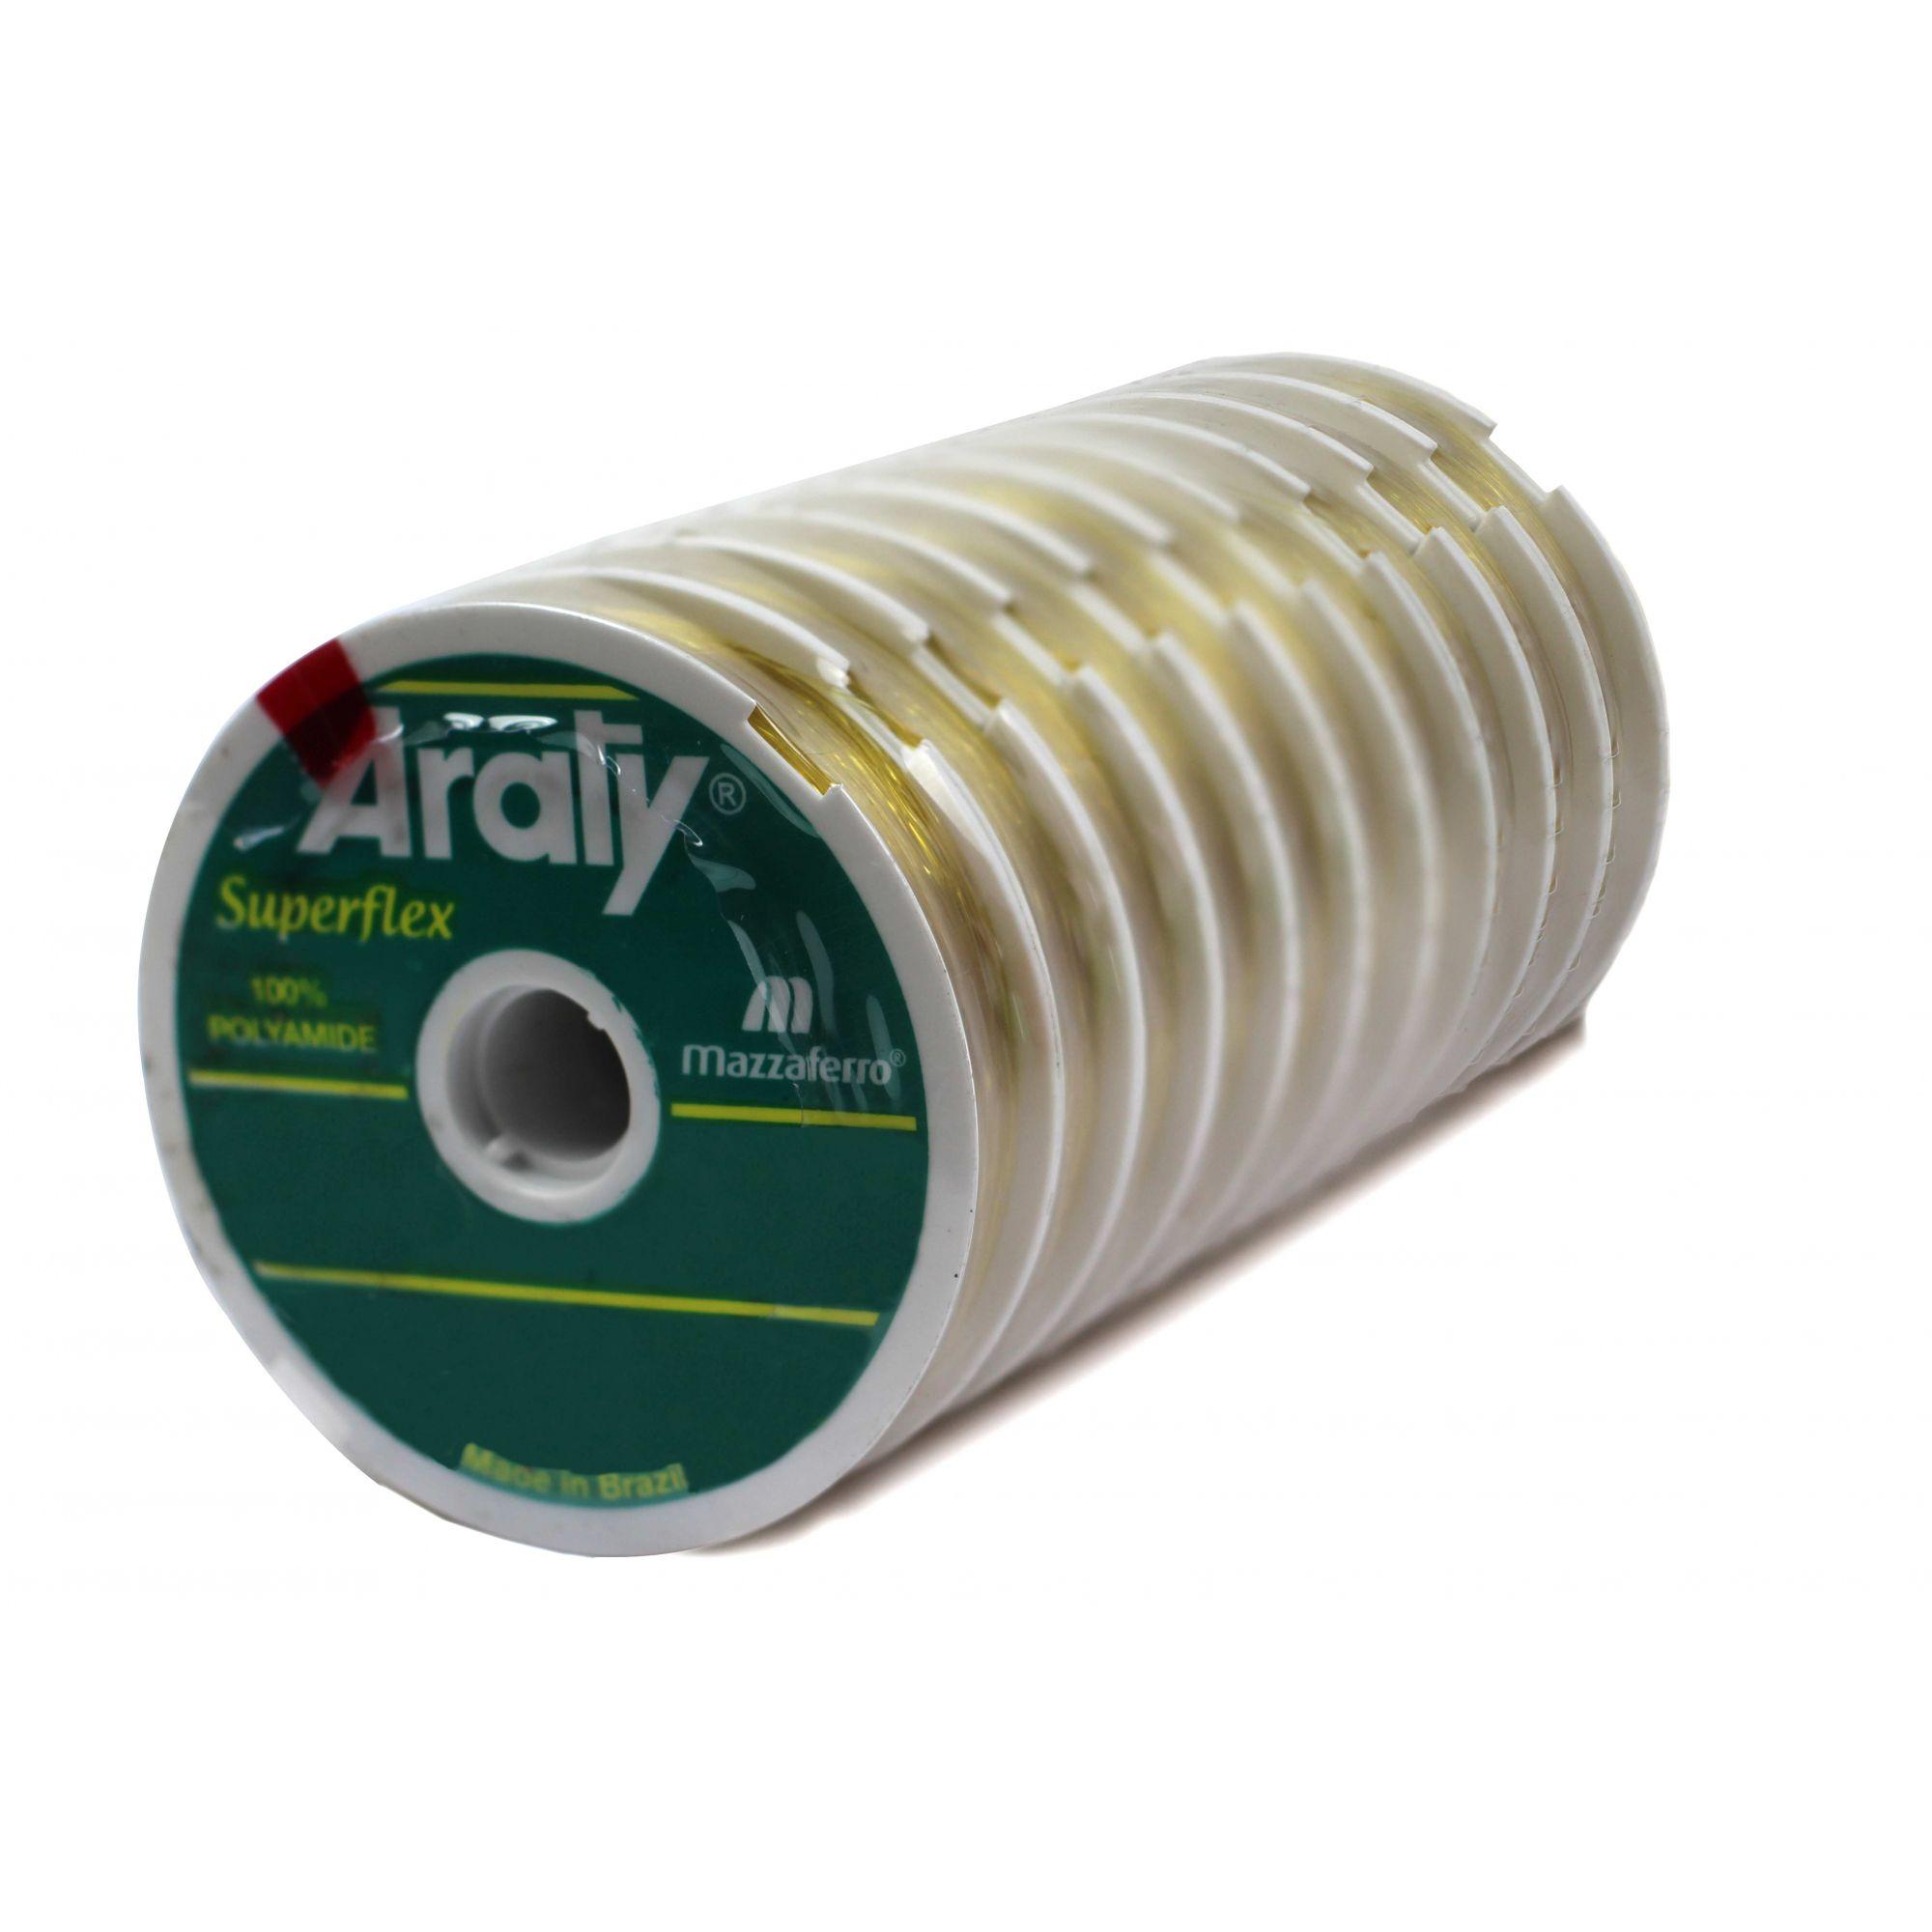 Kit 10 Linhas Monofilamento Araty UV Superflex 0,50mm 15,0kg - (3x 100 Metros)